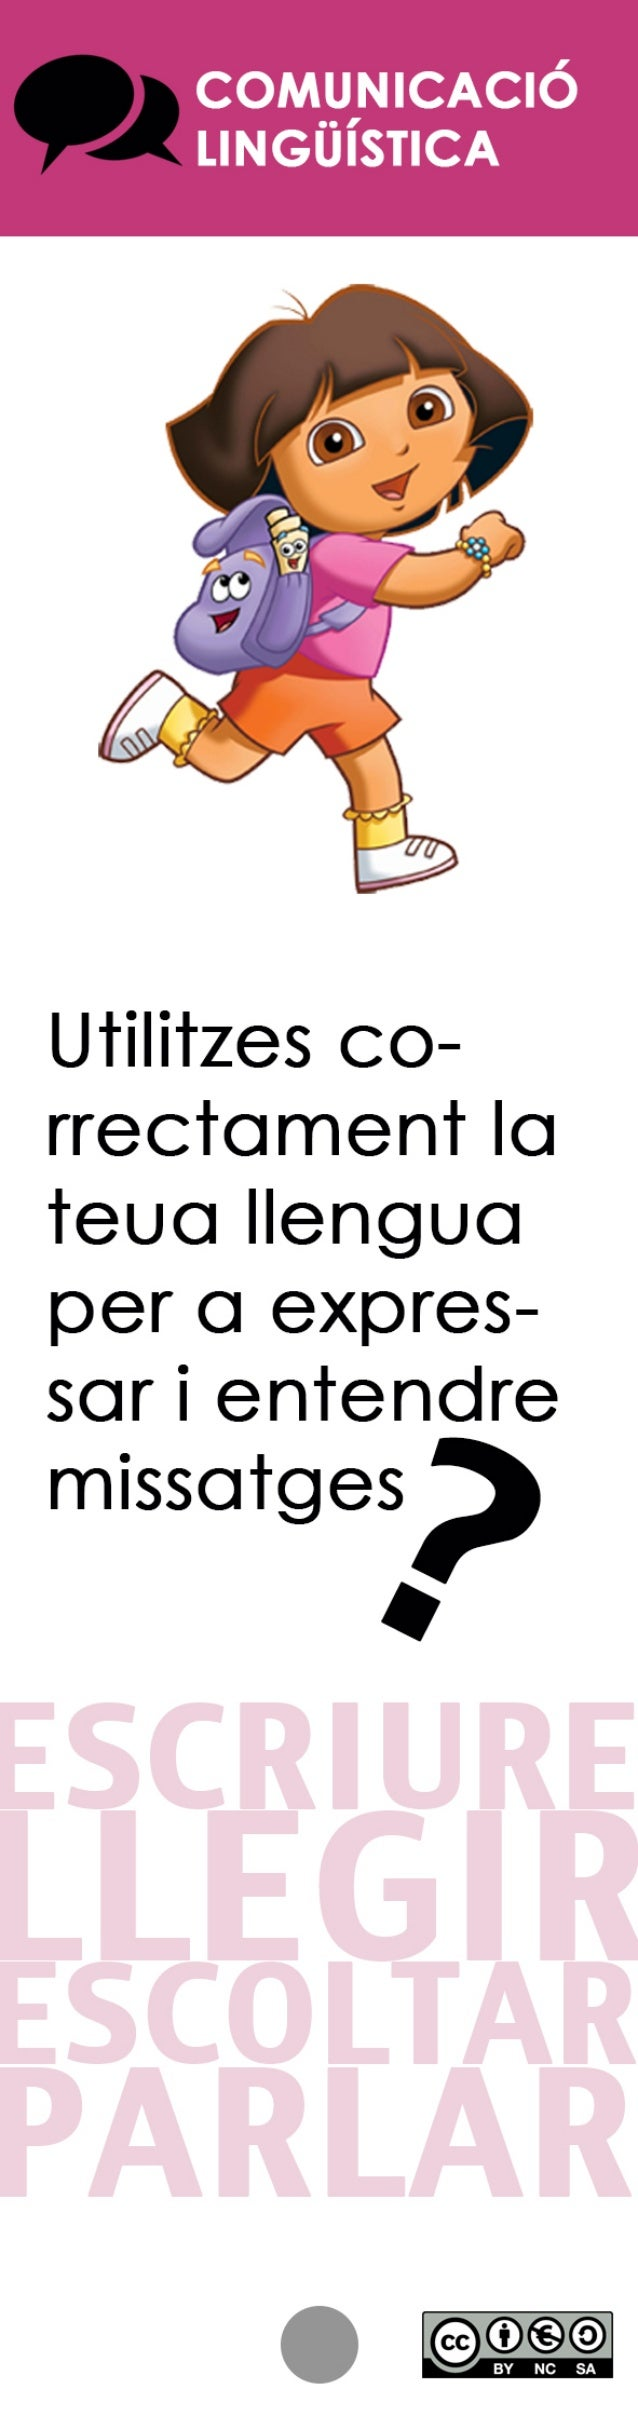 COMyINICACIÓ LINGUISTICA  U'r¡I¡'rzes co- rrectement la ïeuo llengua per o expres- sor í enïendre  míssofges?   O